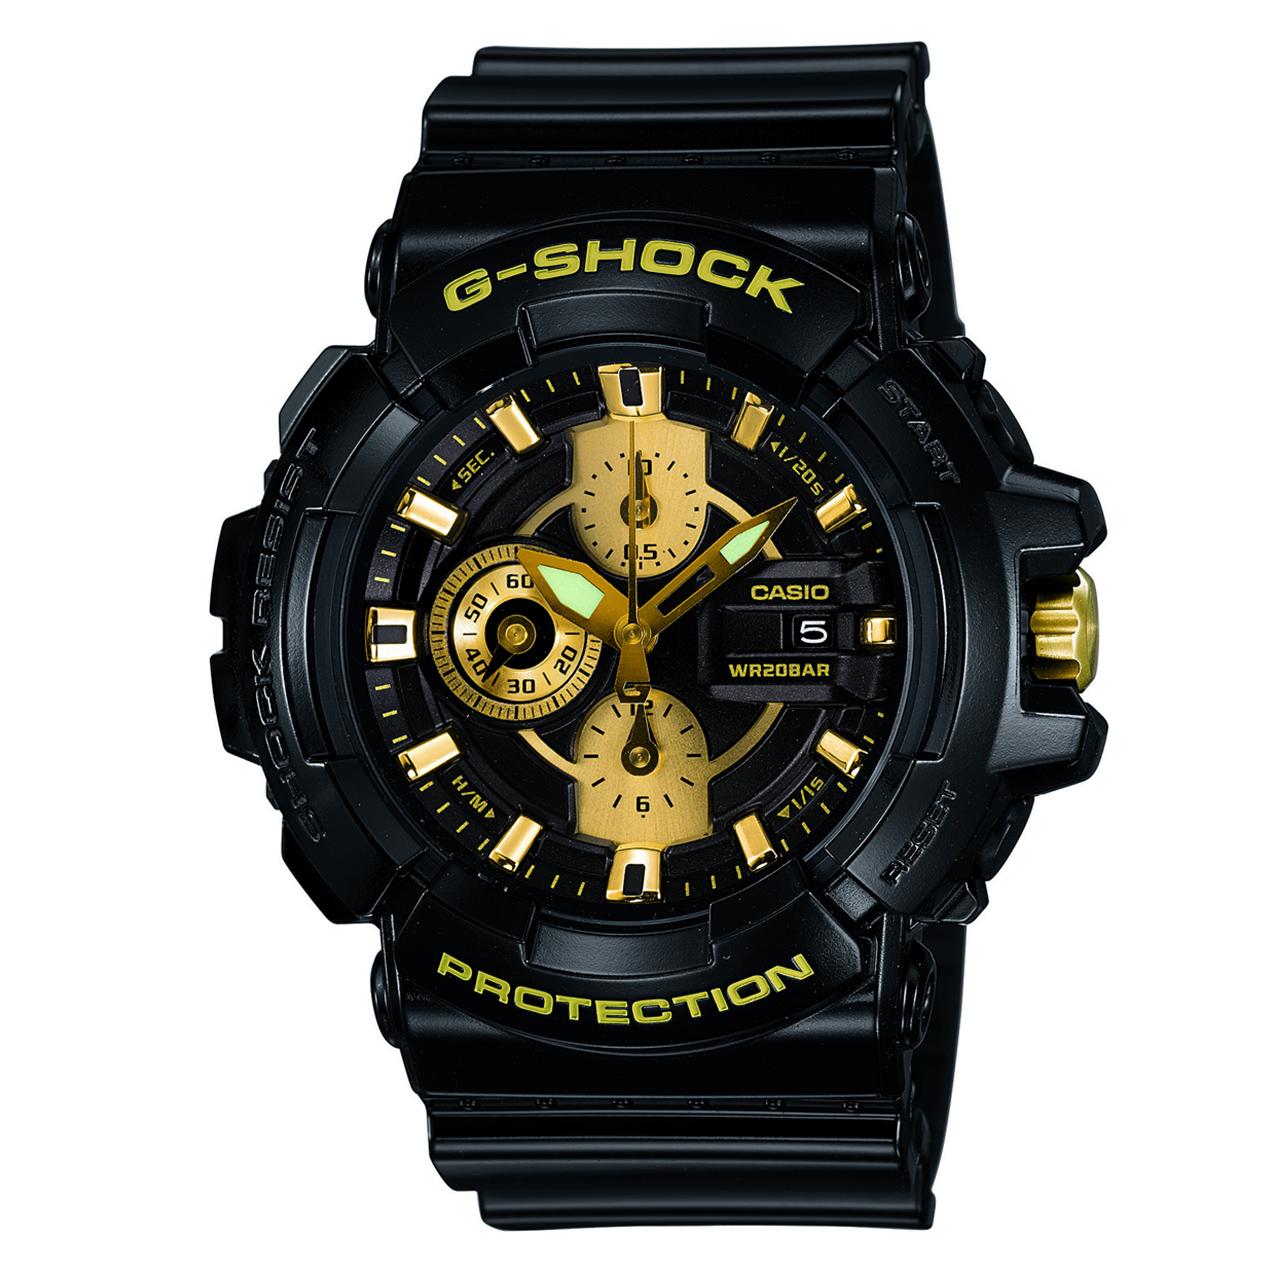 ساعت مچی عقربه ای مردانه کاسیو جی شاک مدل GAC-100BR-1ADR